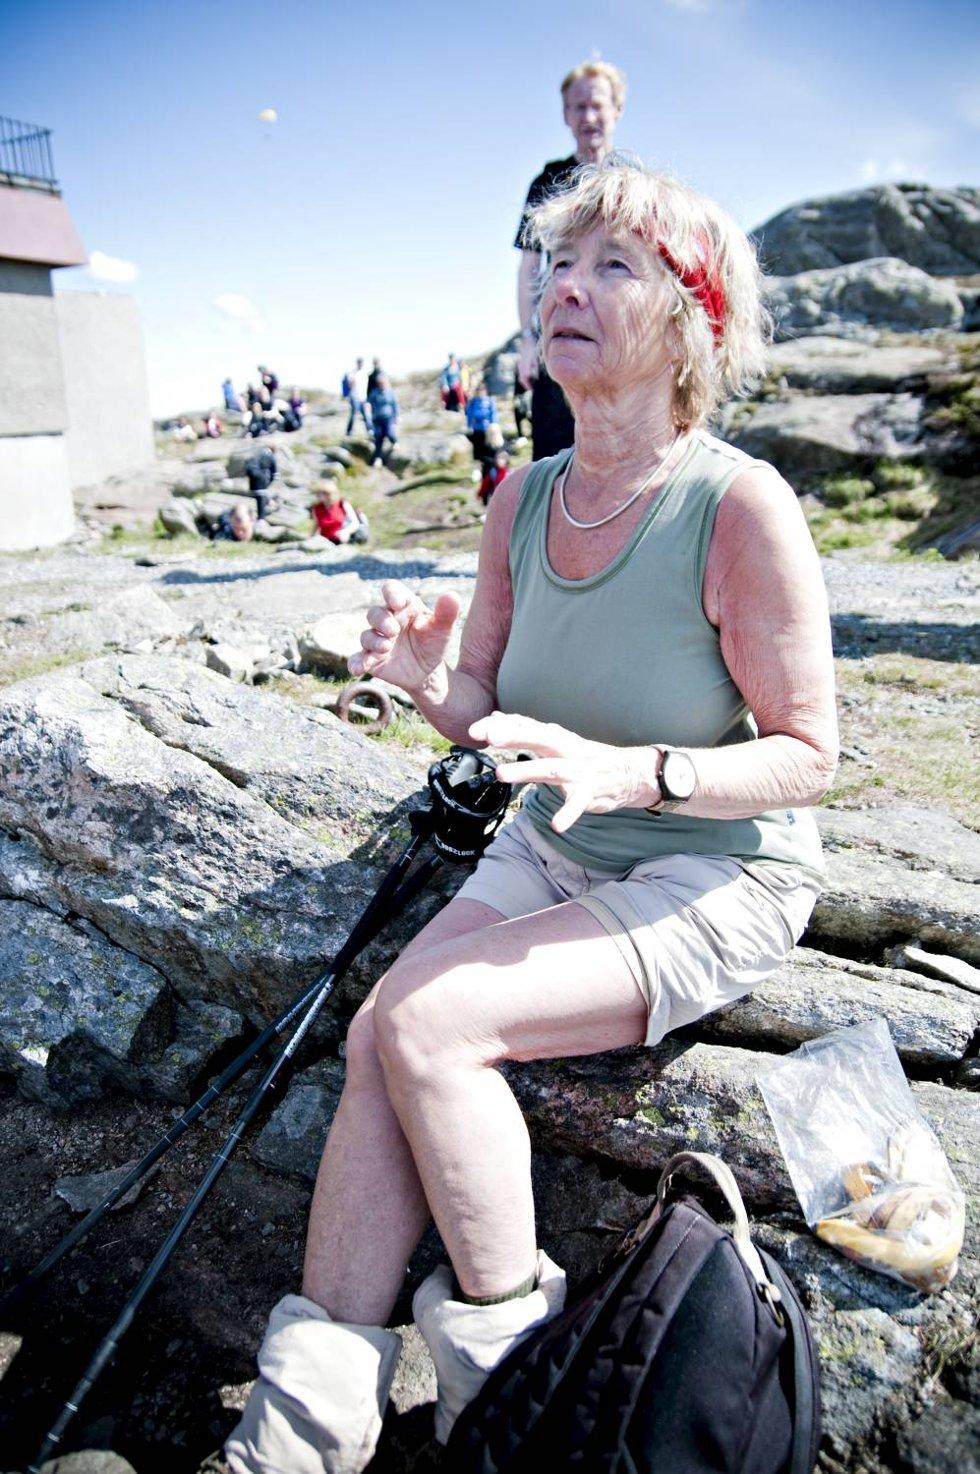 Merete Irgens ble helt betatt av spellemannslaget på toppen av Ulriken. - Jeg simpelthen elsker det! (Foto: SINDRE RAKNES)